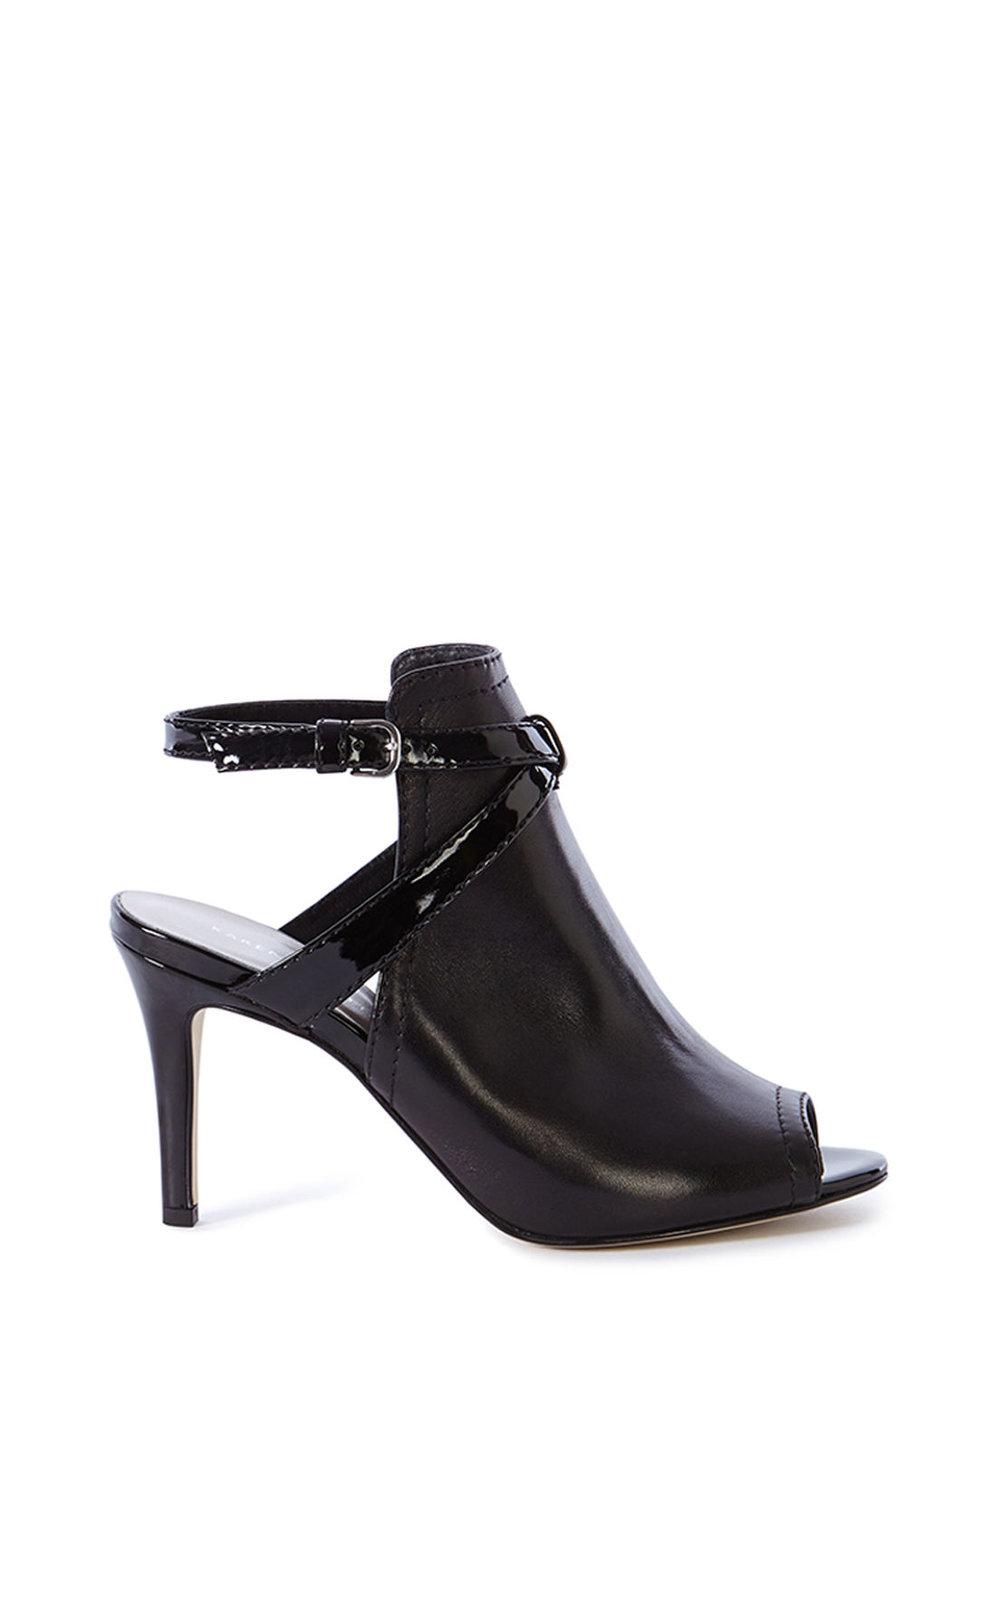 Black Karen Millen sandals from karenmillen.com